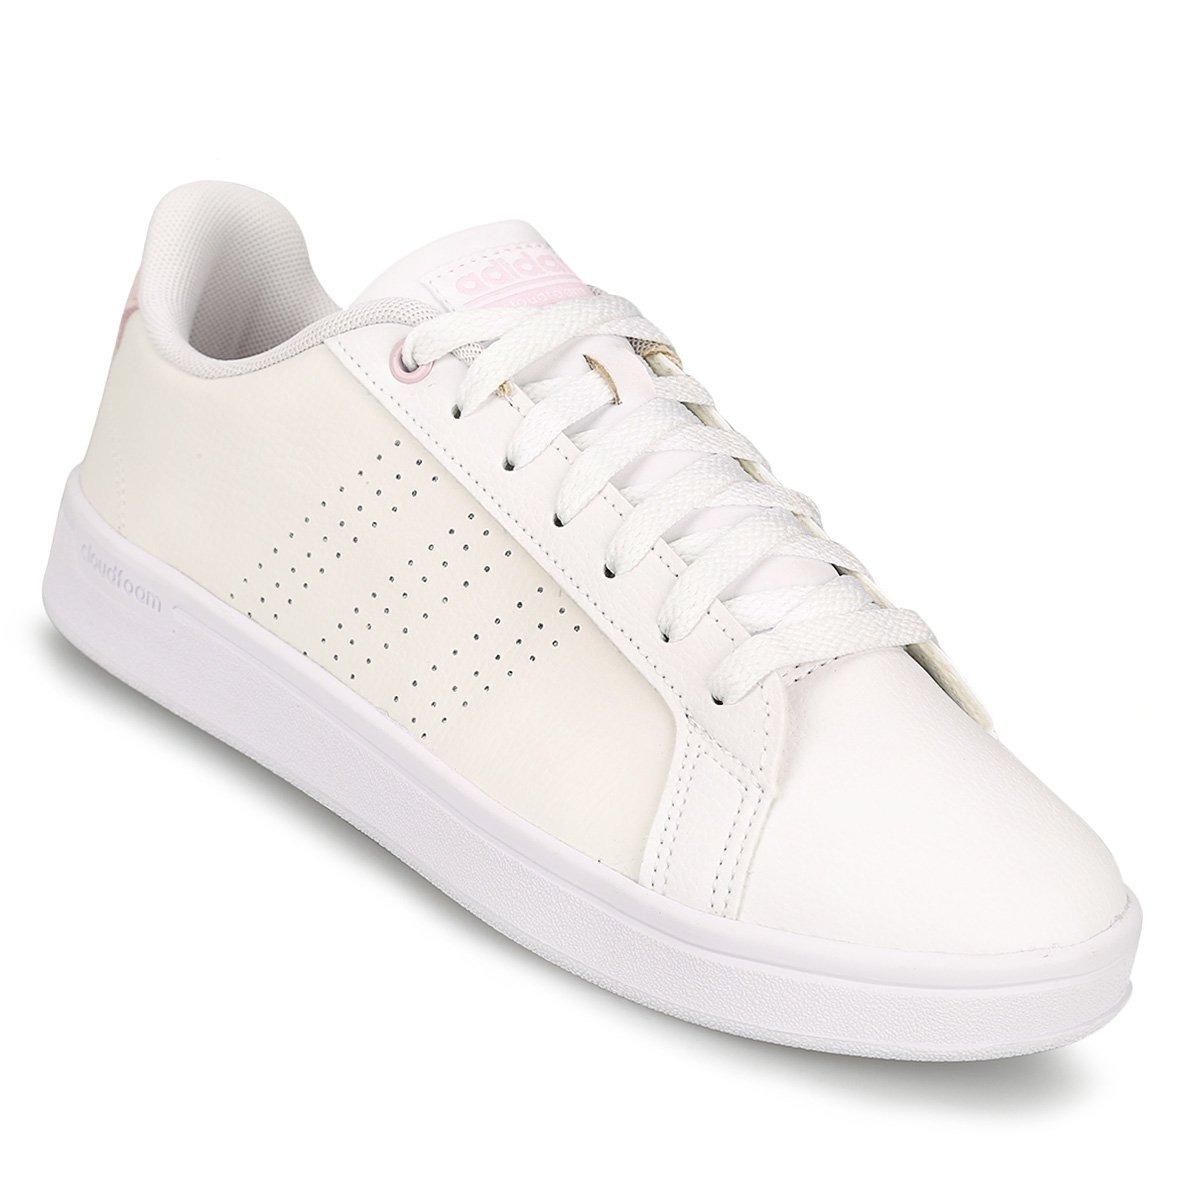 Zapatillas Cloudfoam 799 En Advantage 00 Mercado Adidas Clean2 thdrsQC